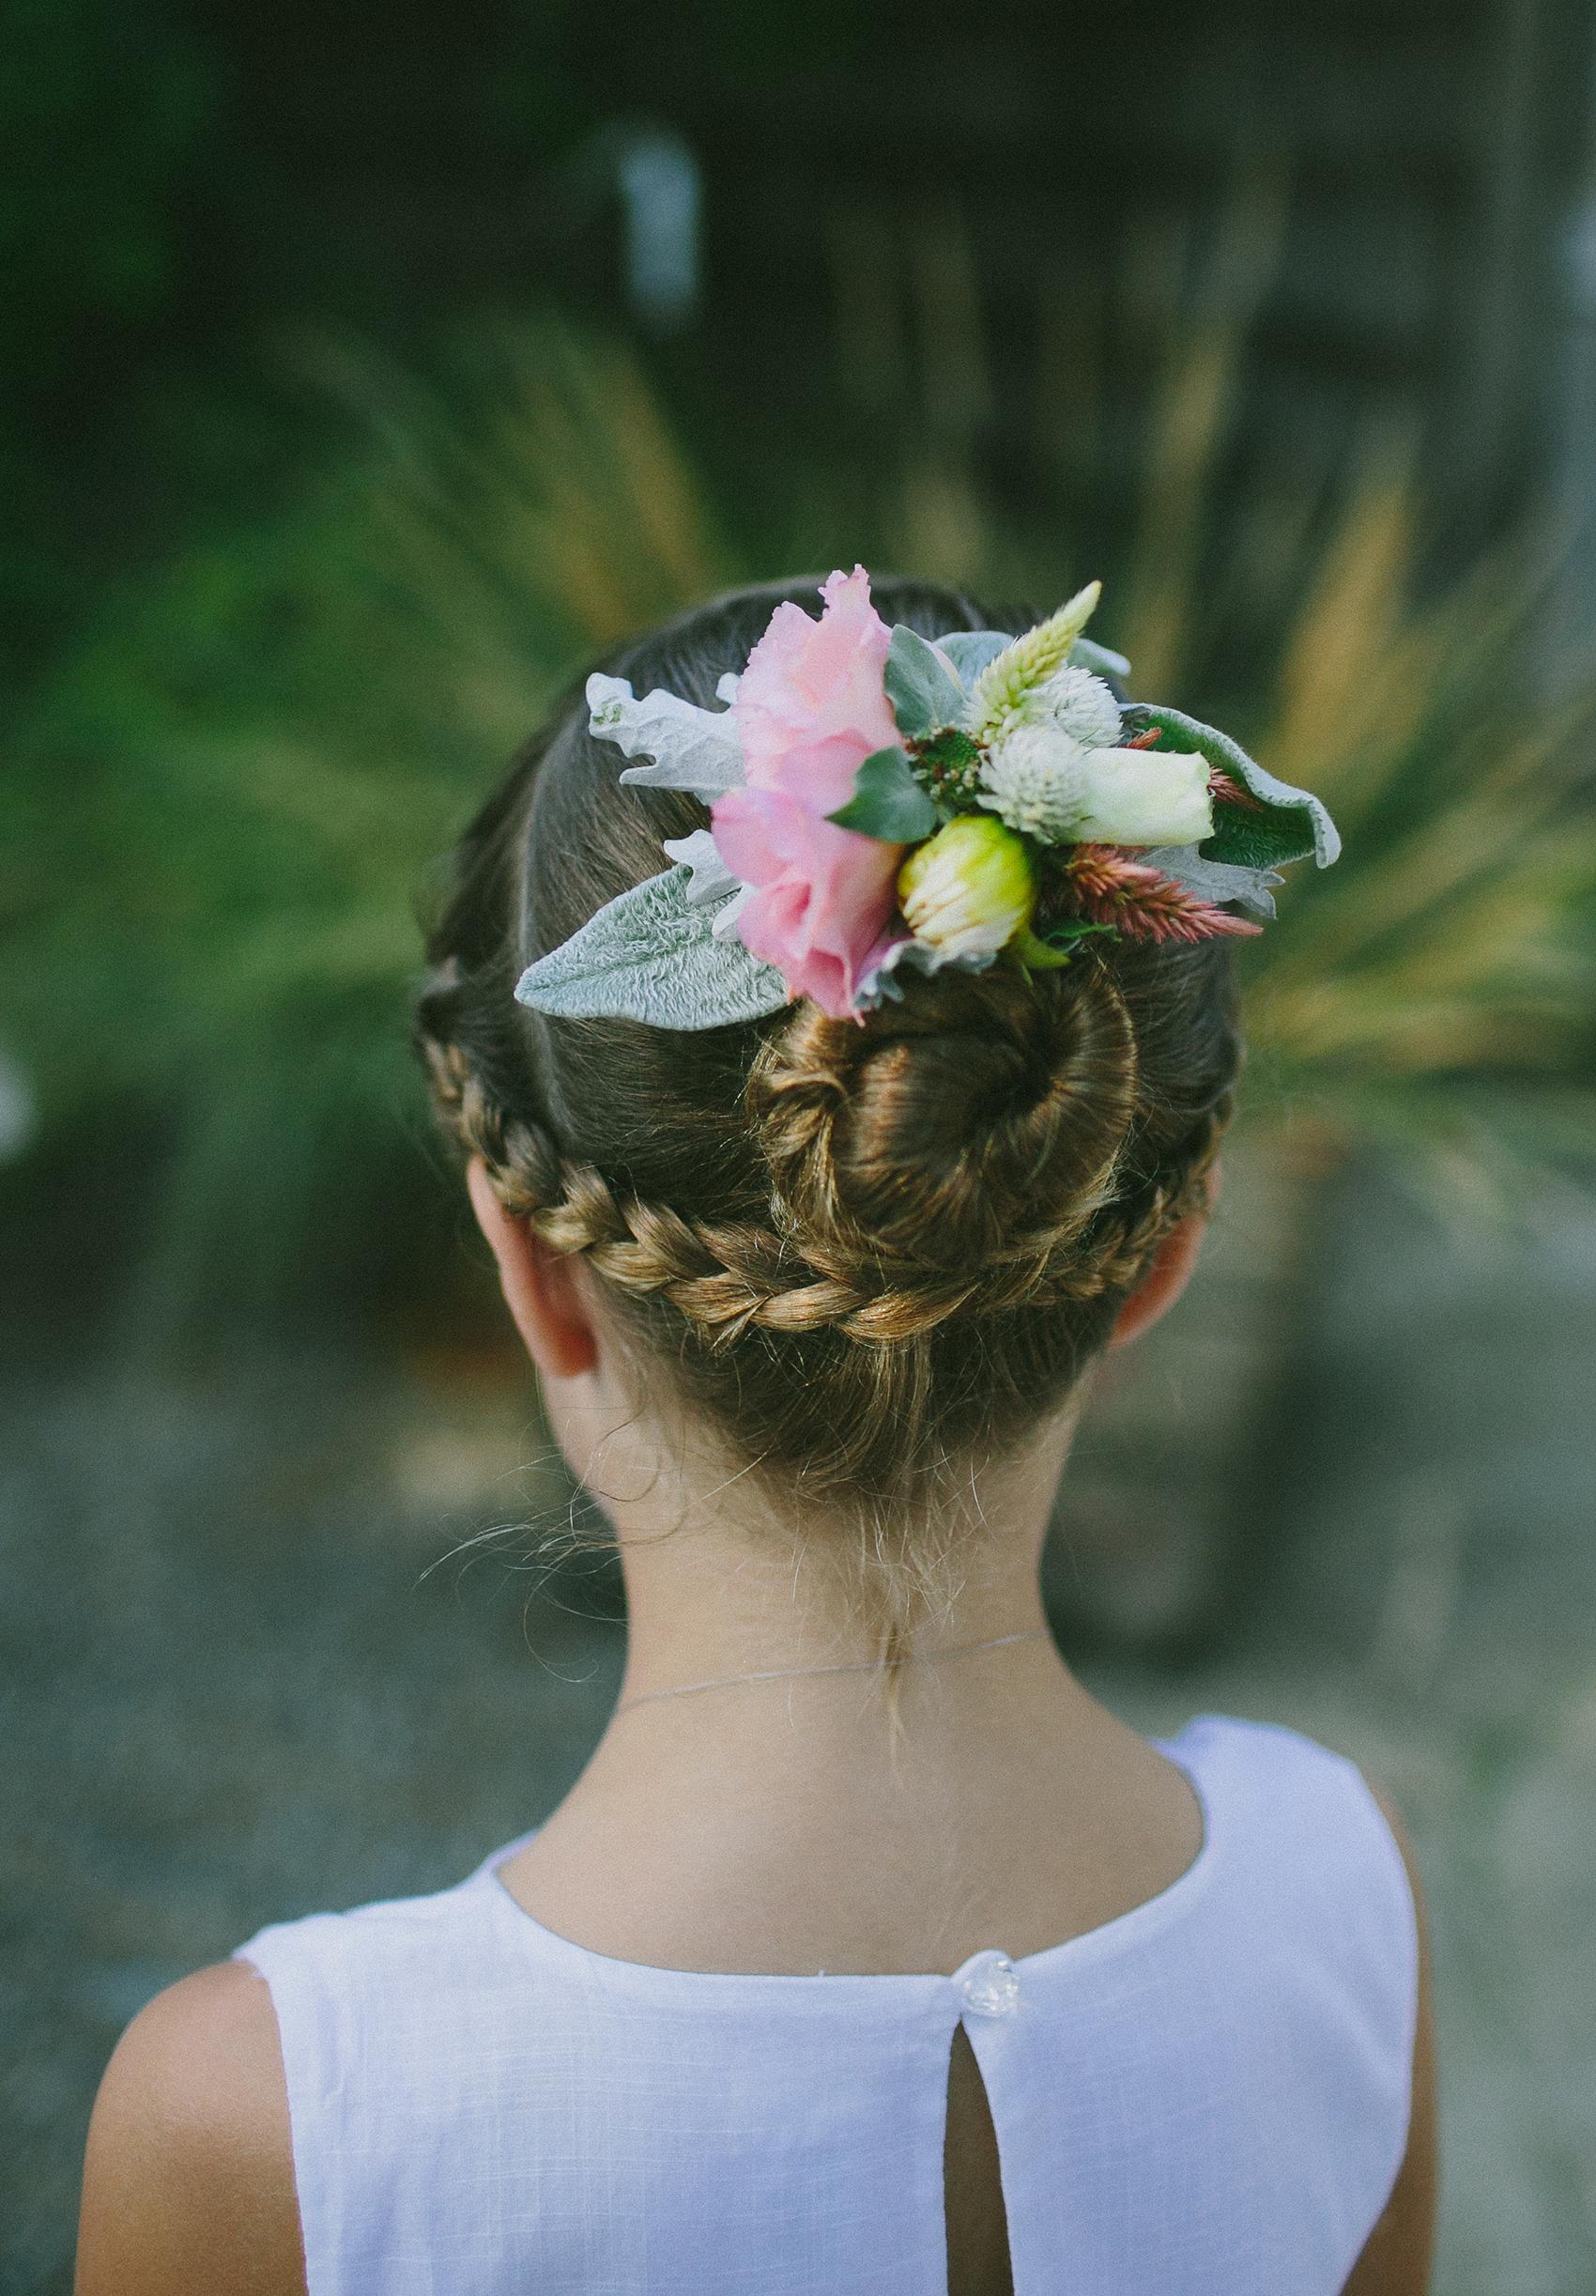 Flower Girl Hairstyle Under Braid and Bun